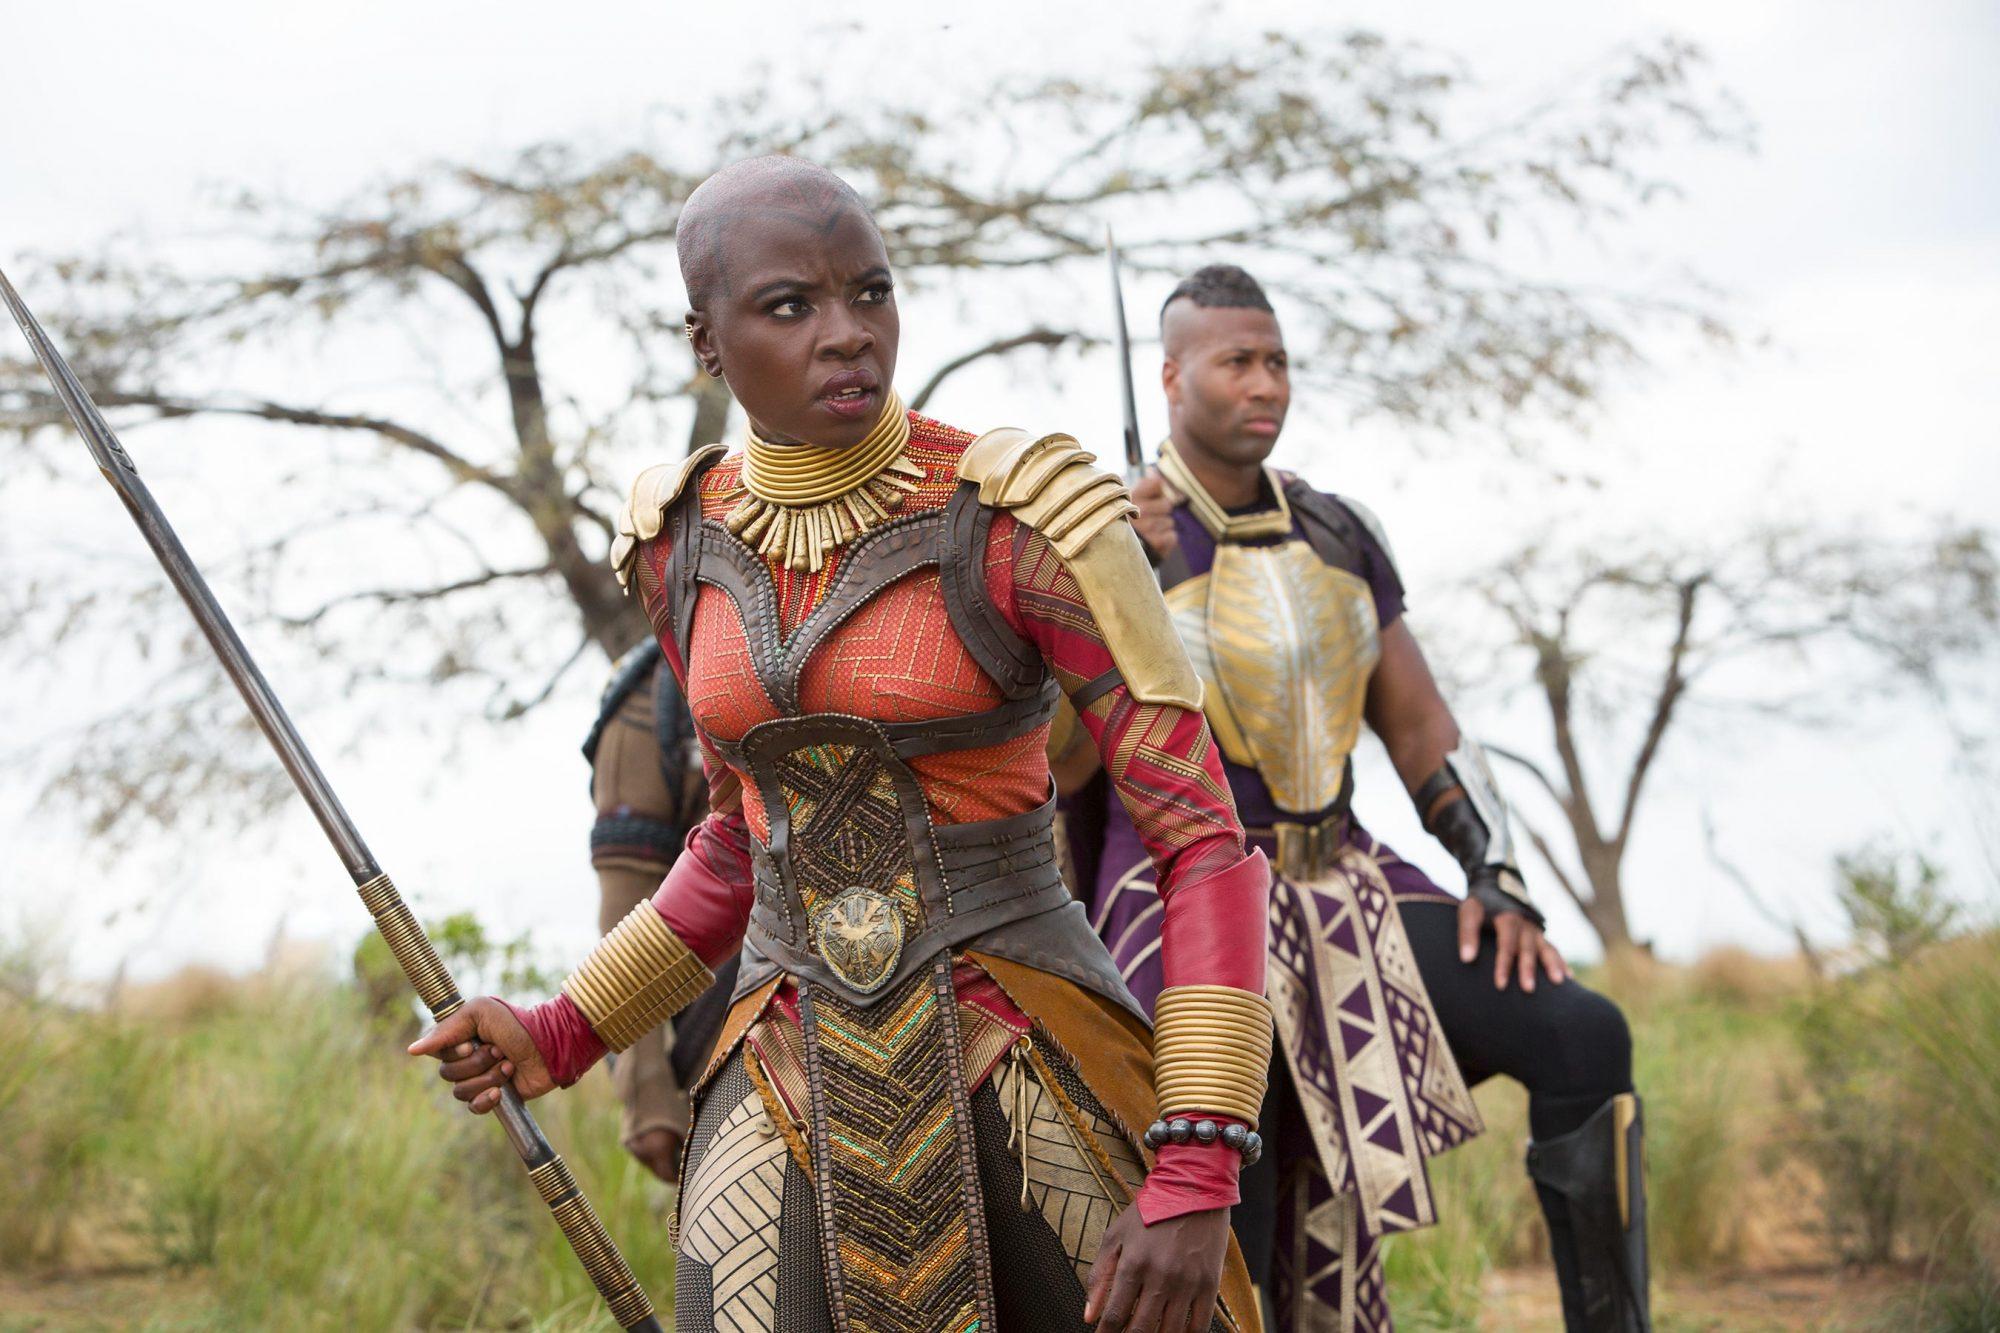 Marvel Studios' AVENGERS: INFINITY WARL to R: Okoye (Danai Gurira)